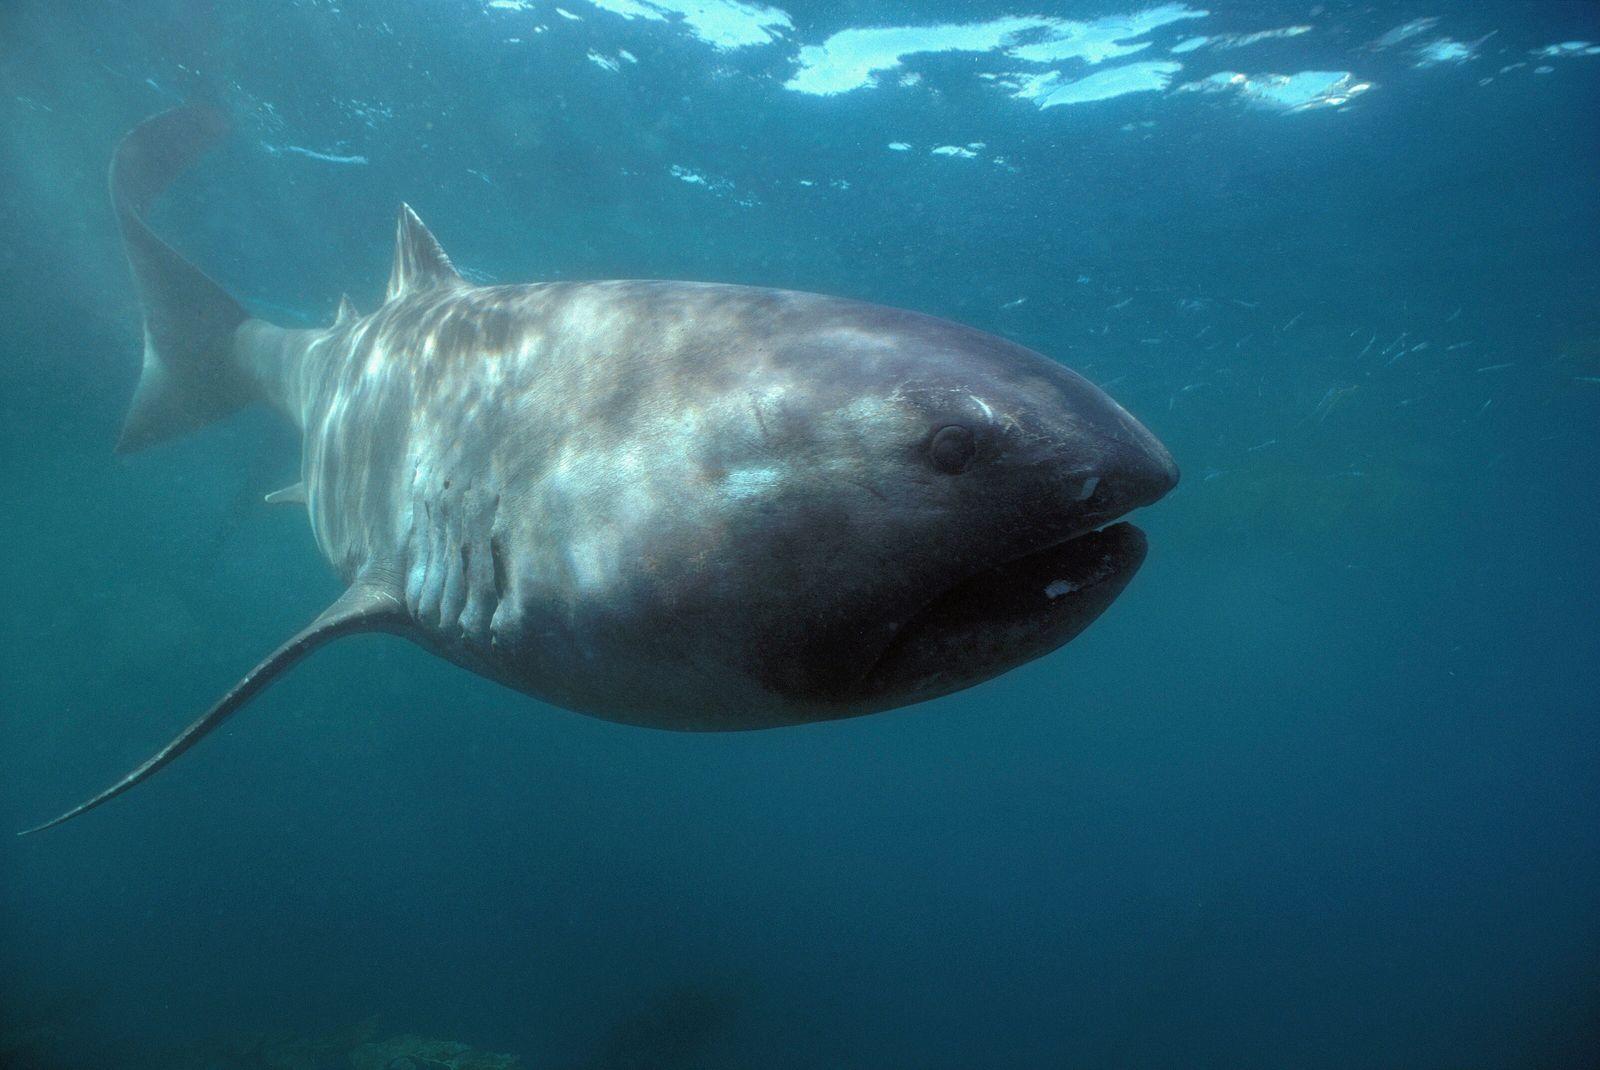 Un tiburón de boca ancha fotografiado en la costa de California